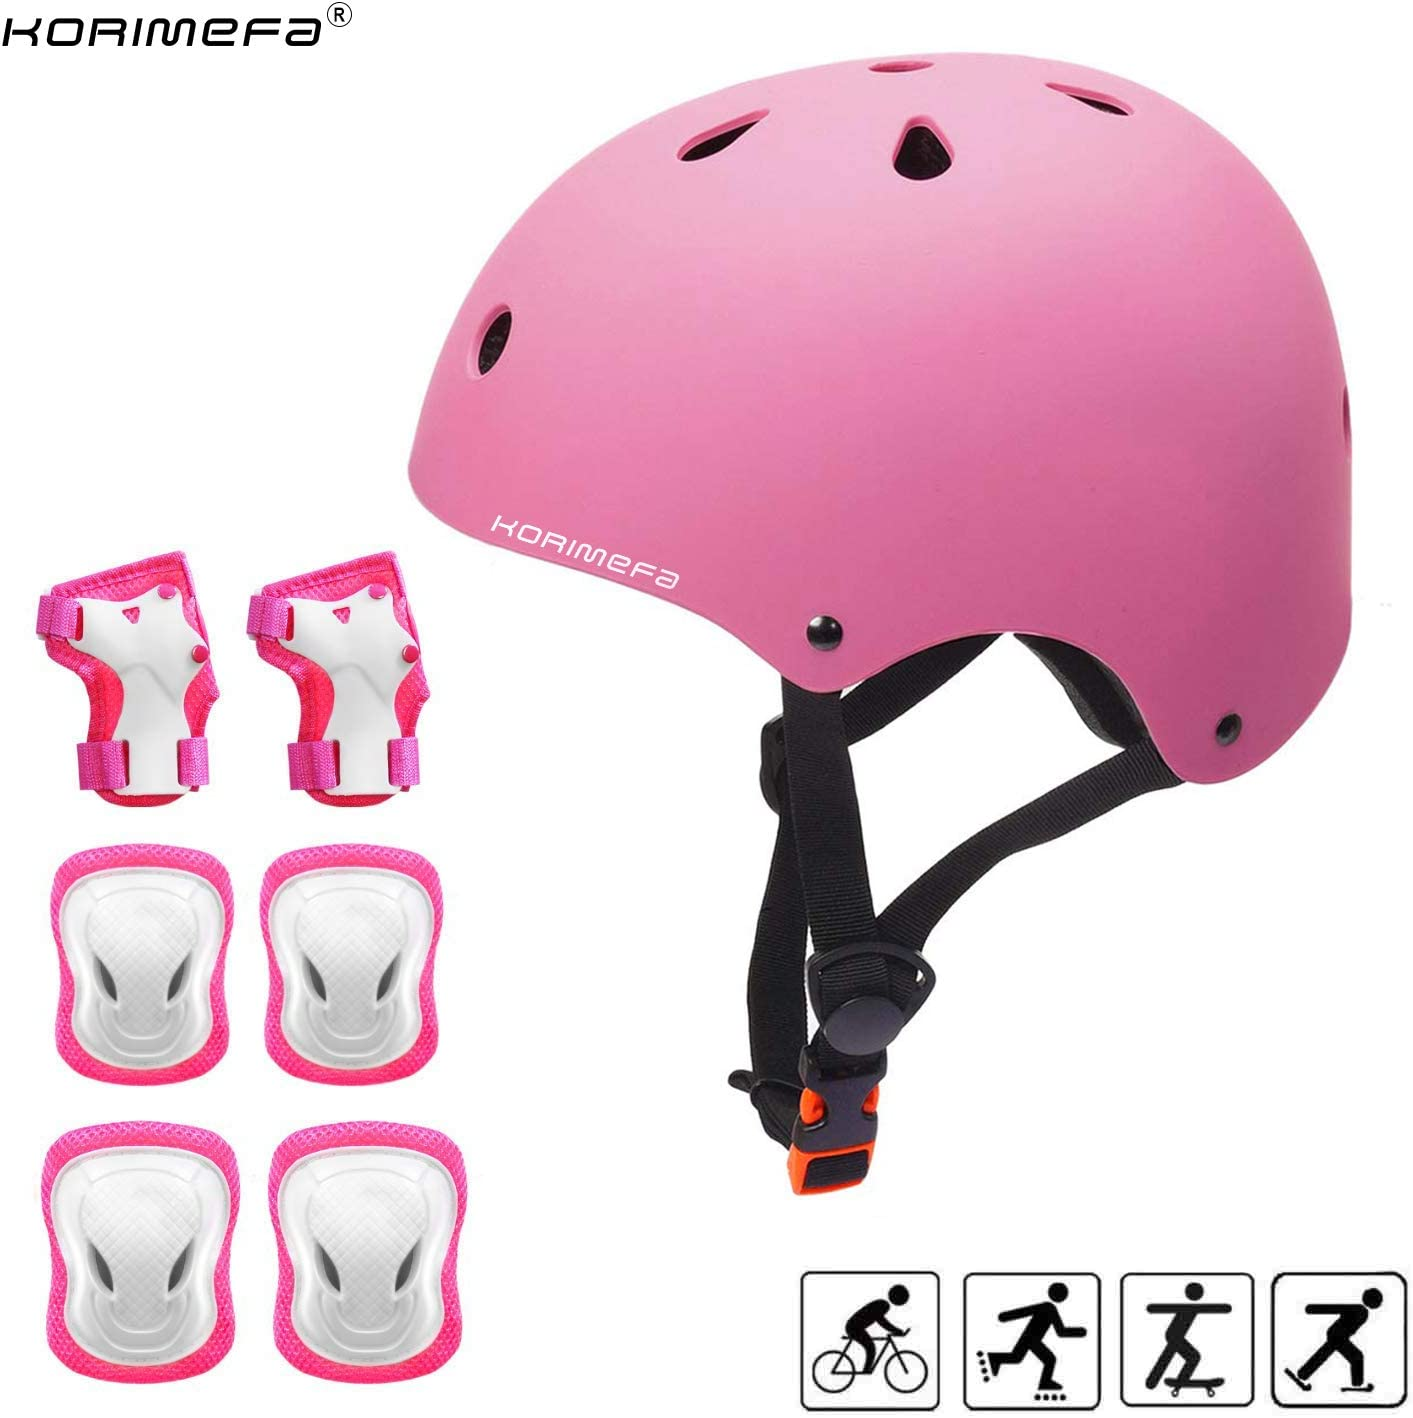 KORIMEFA Casco Infantil Equipo de Protección Patinete con Casco Adjustable certificación CE Rodilleras Coderas para Bicicleta Monopatín y Deportes Extremoscon de 3 a 13 años